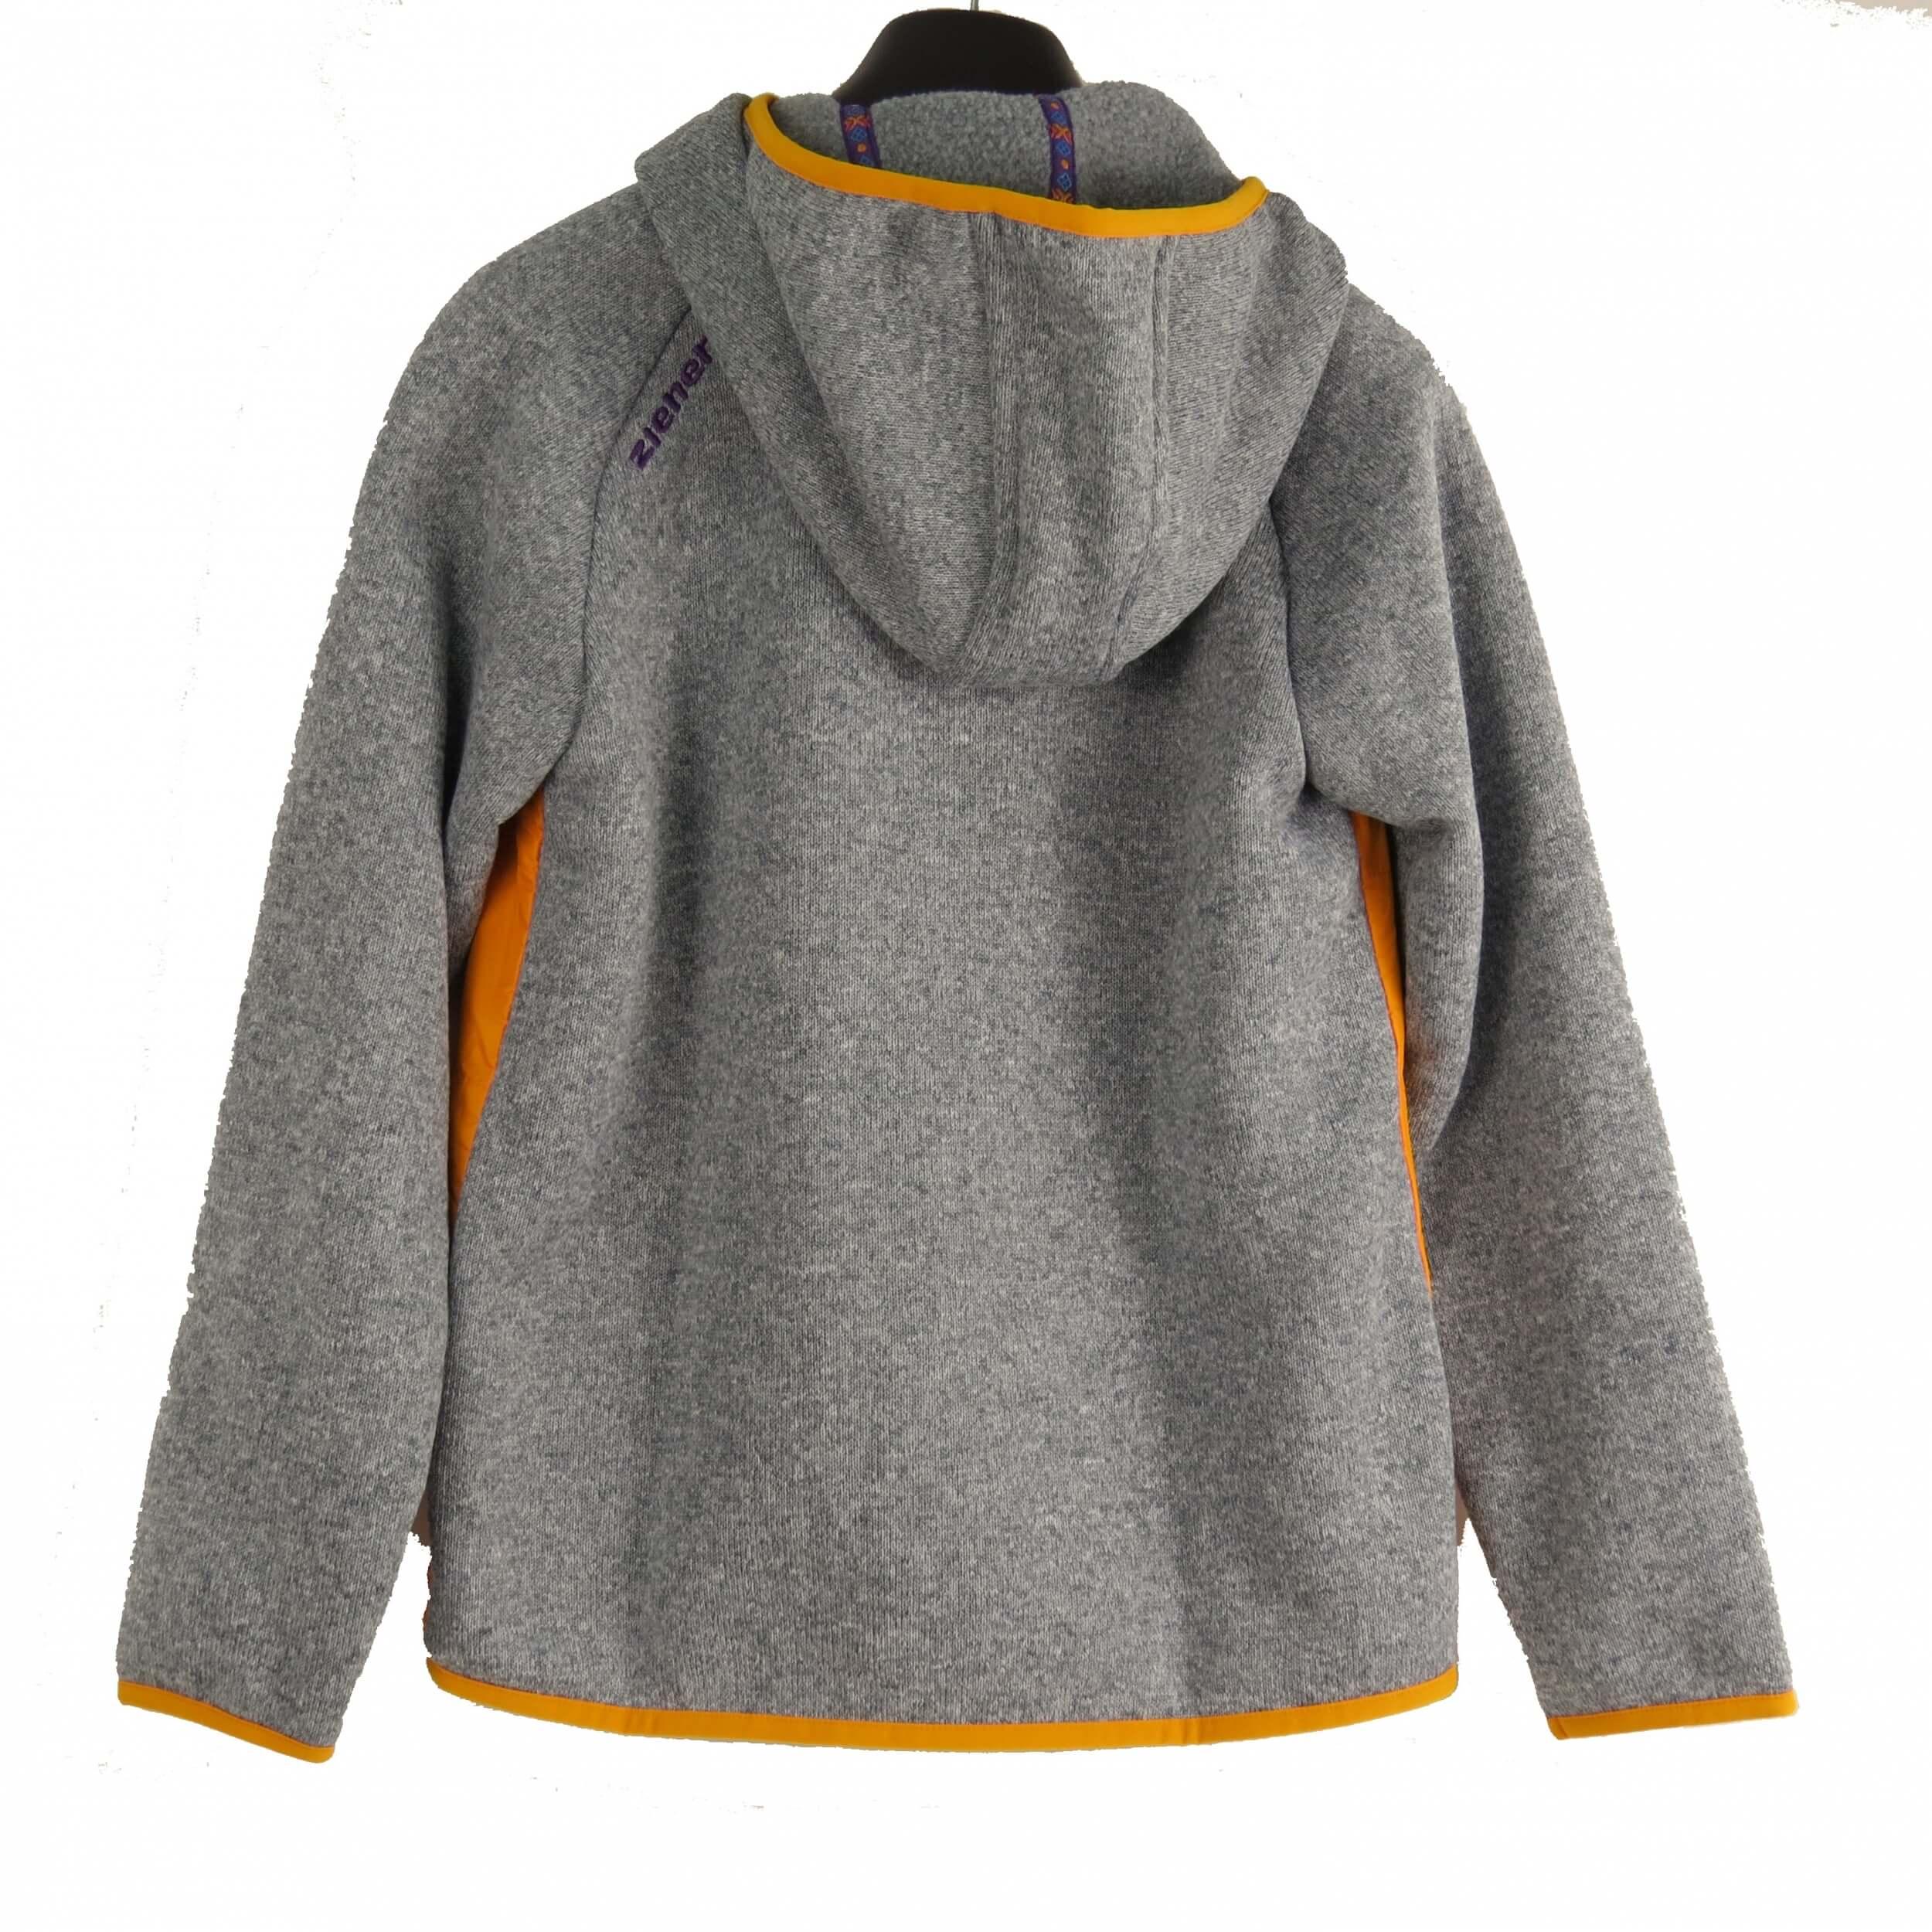 ZIENER Kinder Jacke Jamar orange 489